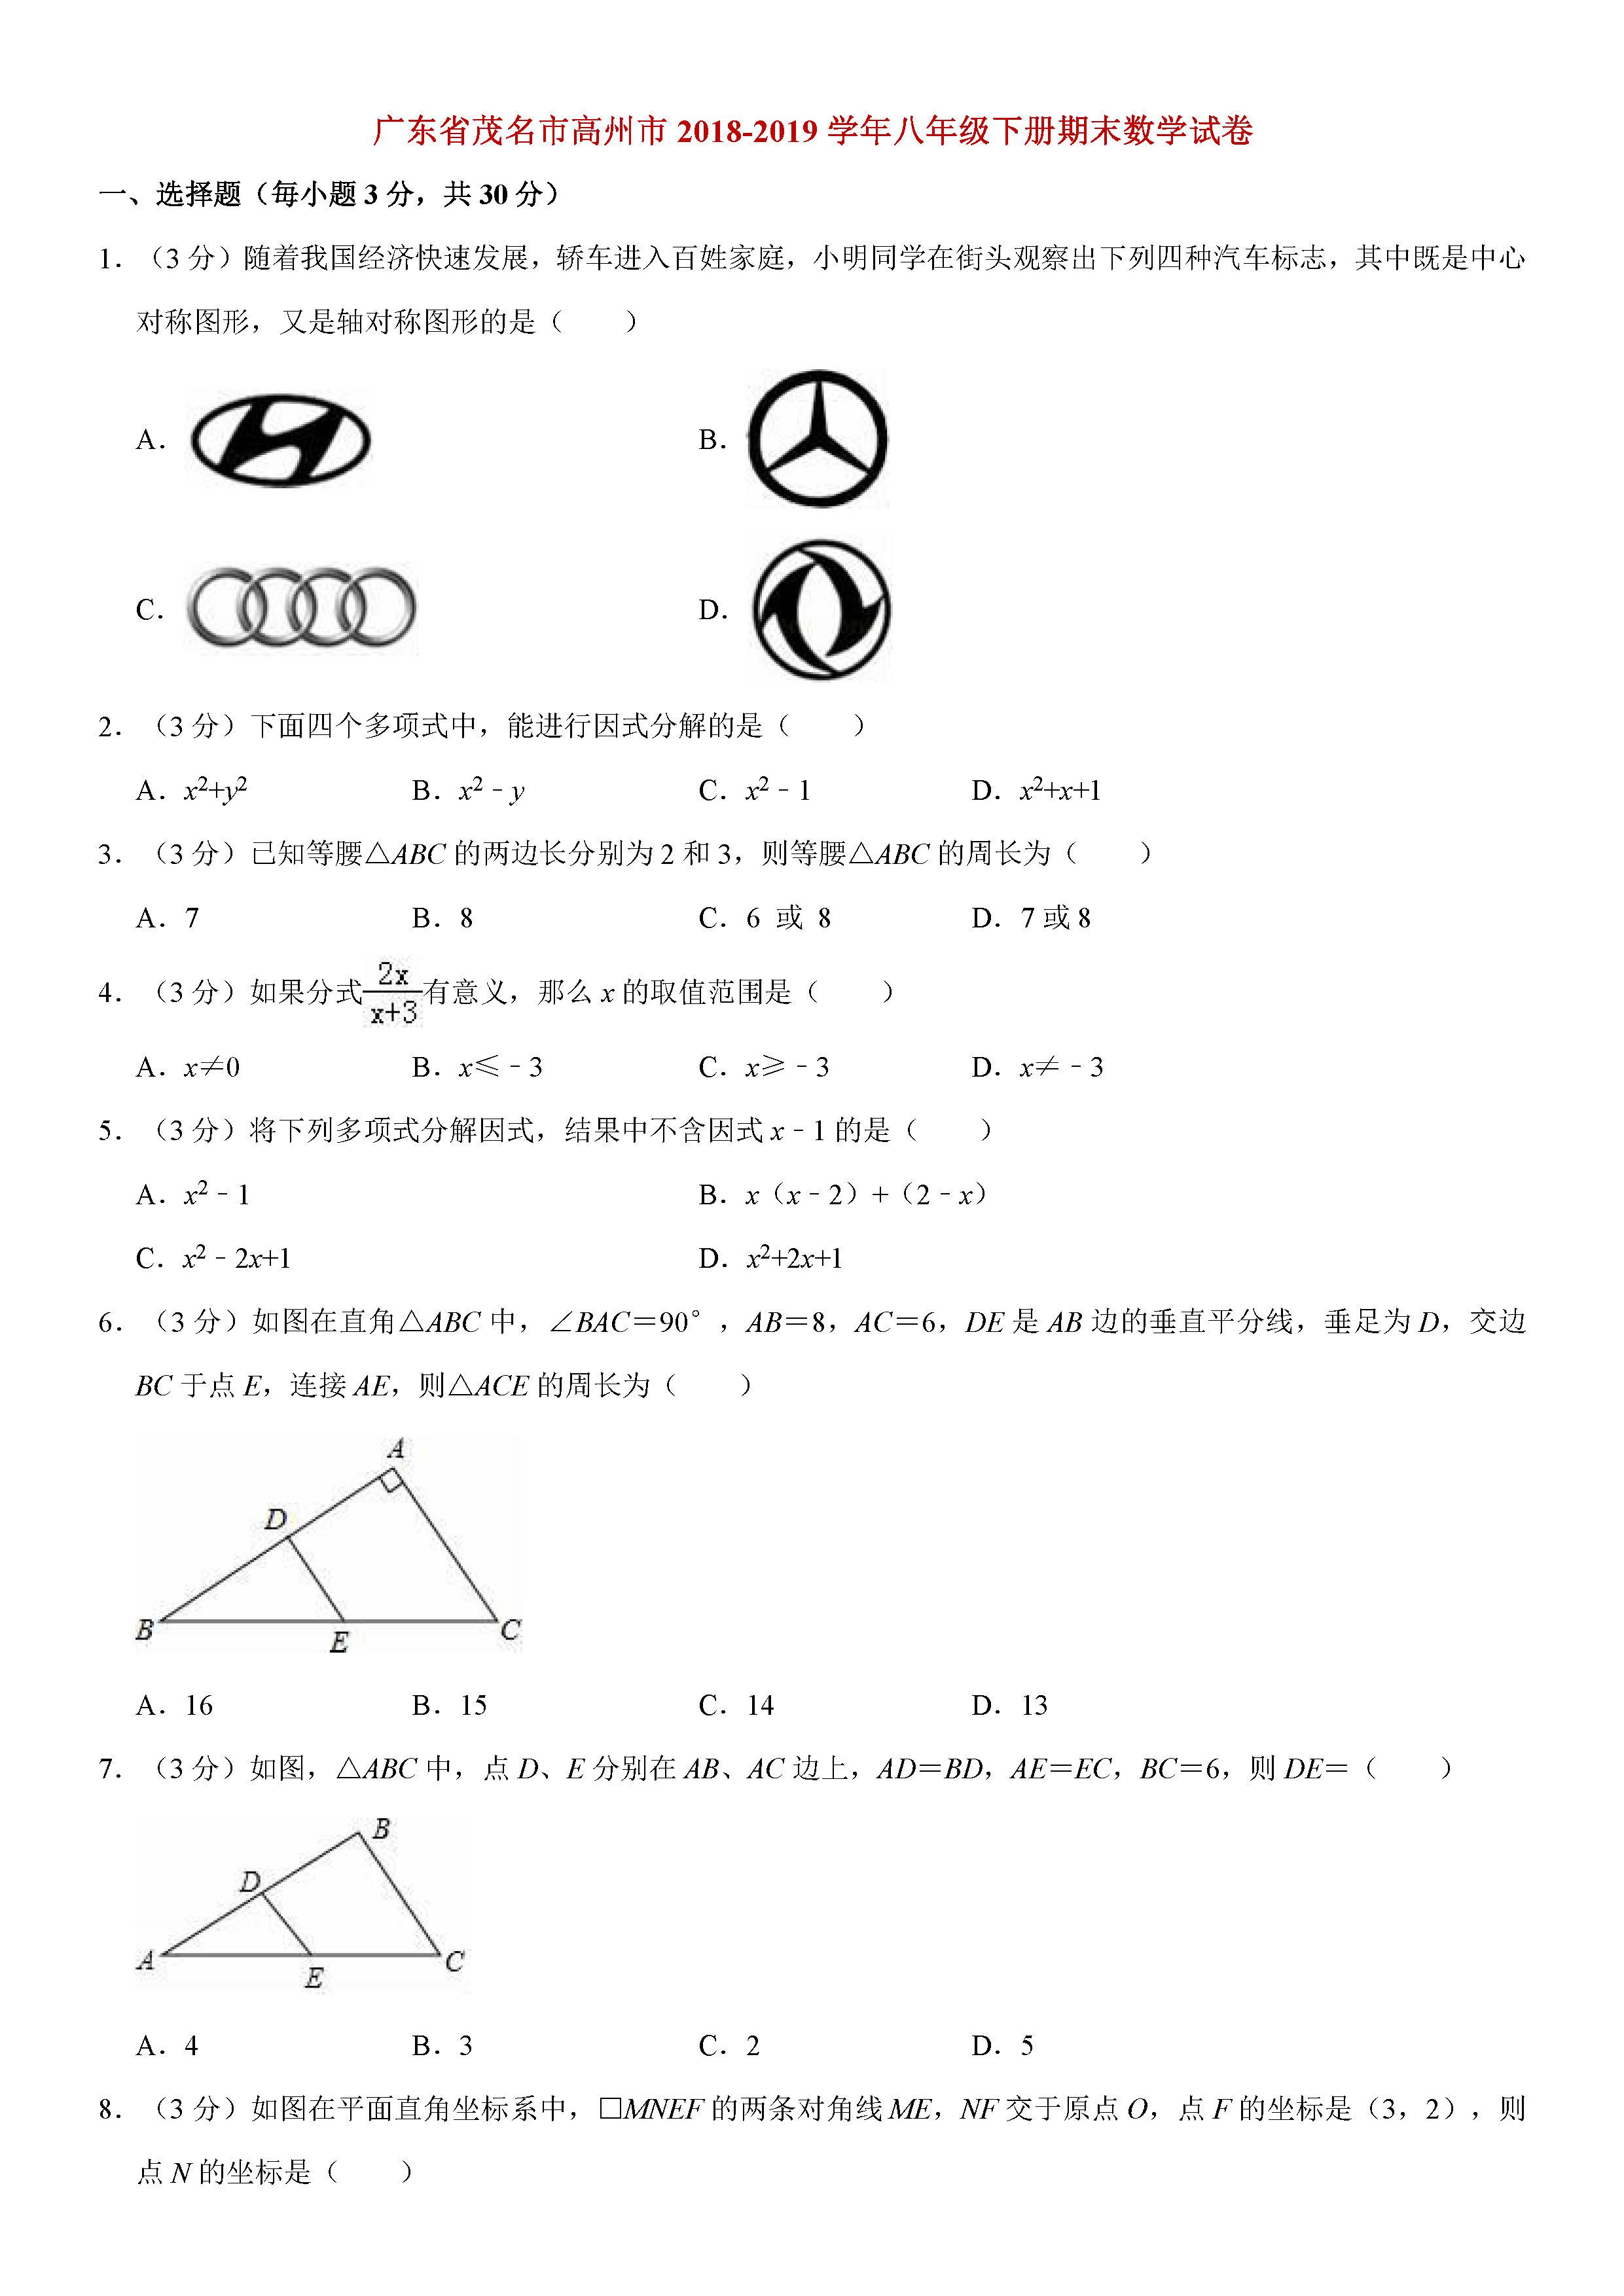 广东省高州市2018-2019八年级数学下册期末测试题(含试题解析)